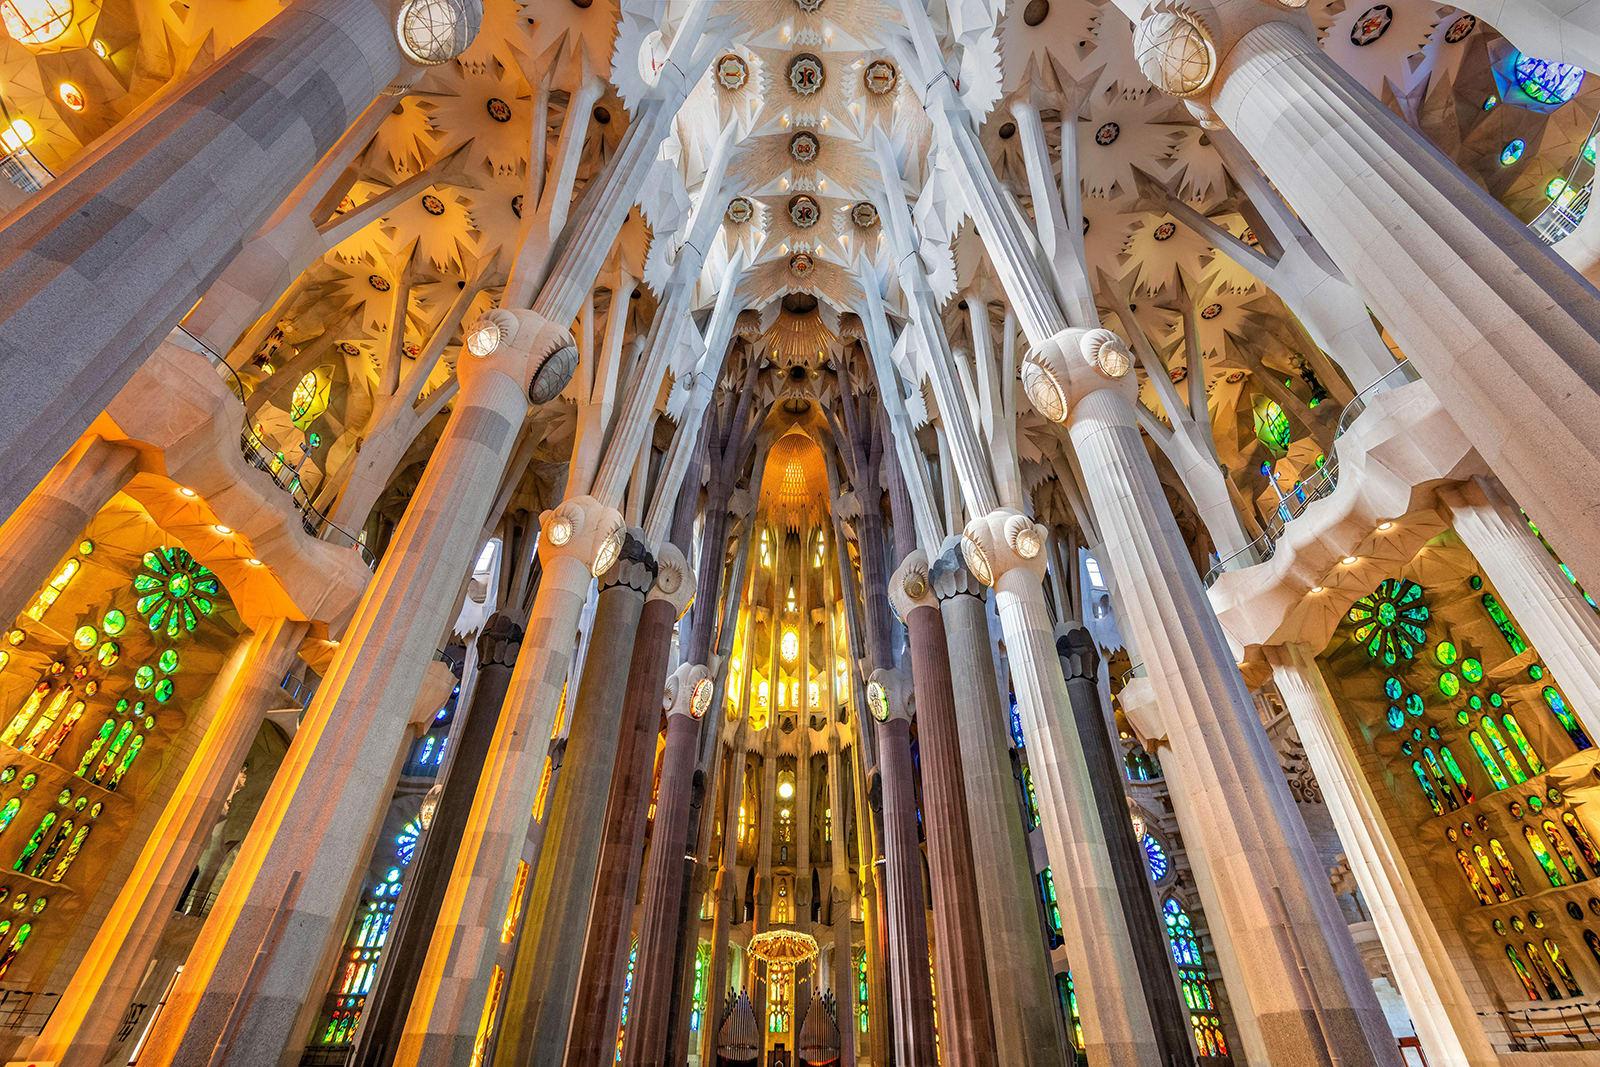 لا تزال قيد الإنشاء منذ أكثر من 130 عام.. هكذا قد تنقذ الروبوتات واحدة من أغرب الكاتدرائيات في العالم